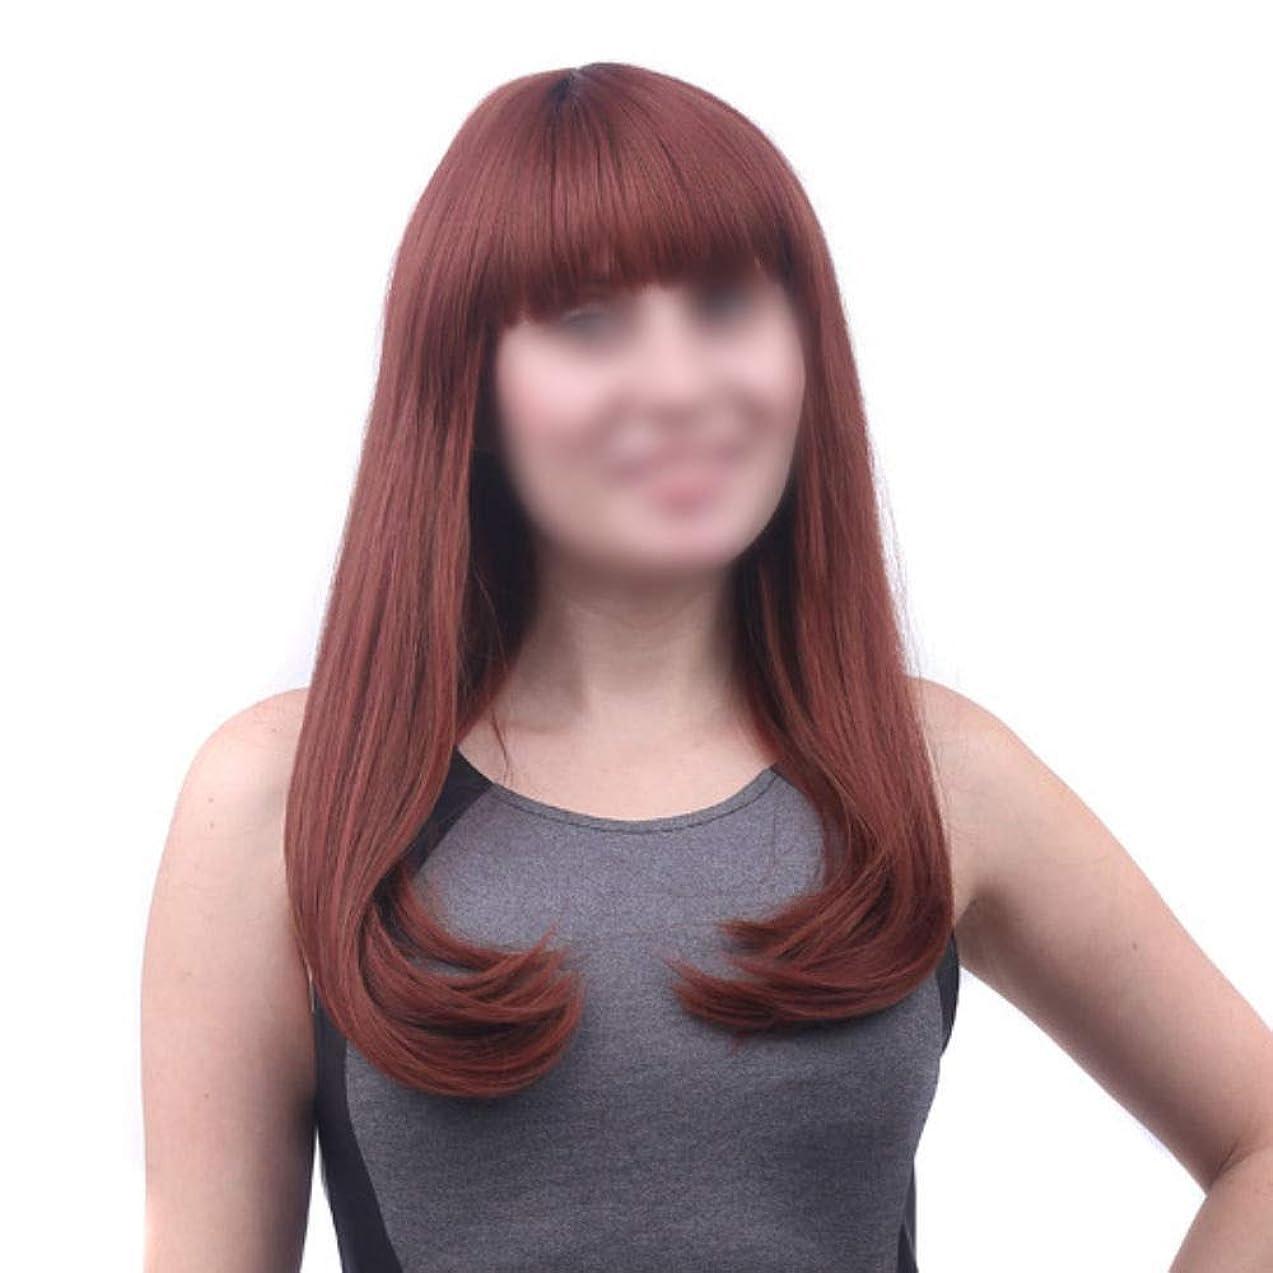 押すタブレット上昇Isikawan コスプレコスチュームや毎日かつらかつら前髪ロング絹のようなストレートナチュラルな探している髪の交換用かつら (色 : ブラウン, サイズ : 55cm)